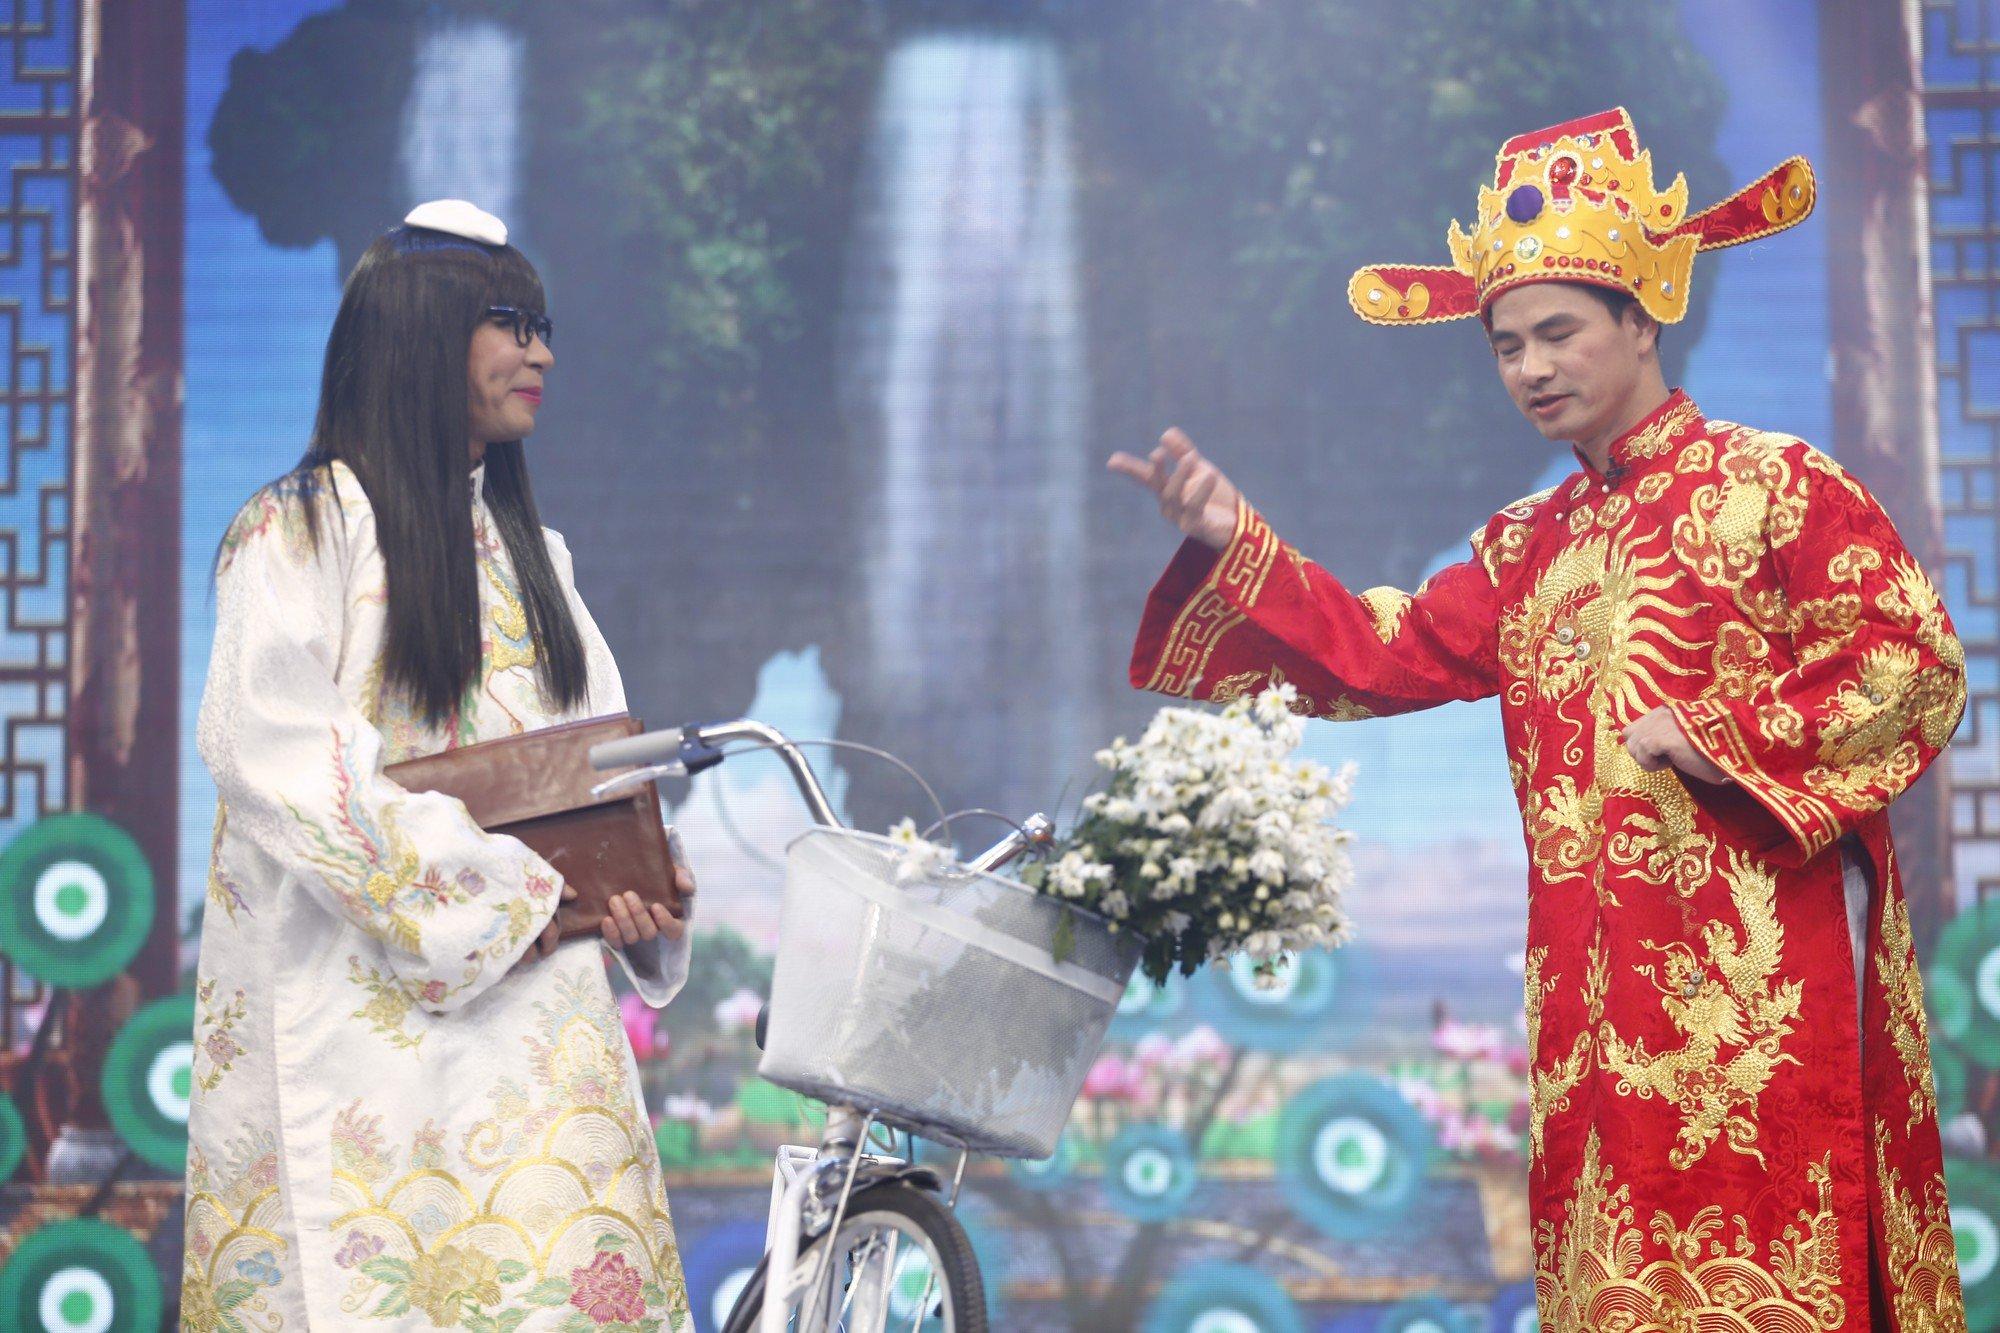 Hanh trinh nhan sac cua cap bai trung Nam Tao - Bac Dau trong 15 nam hinh anh 23